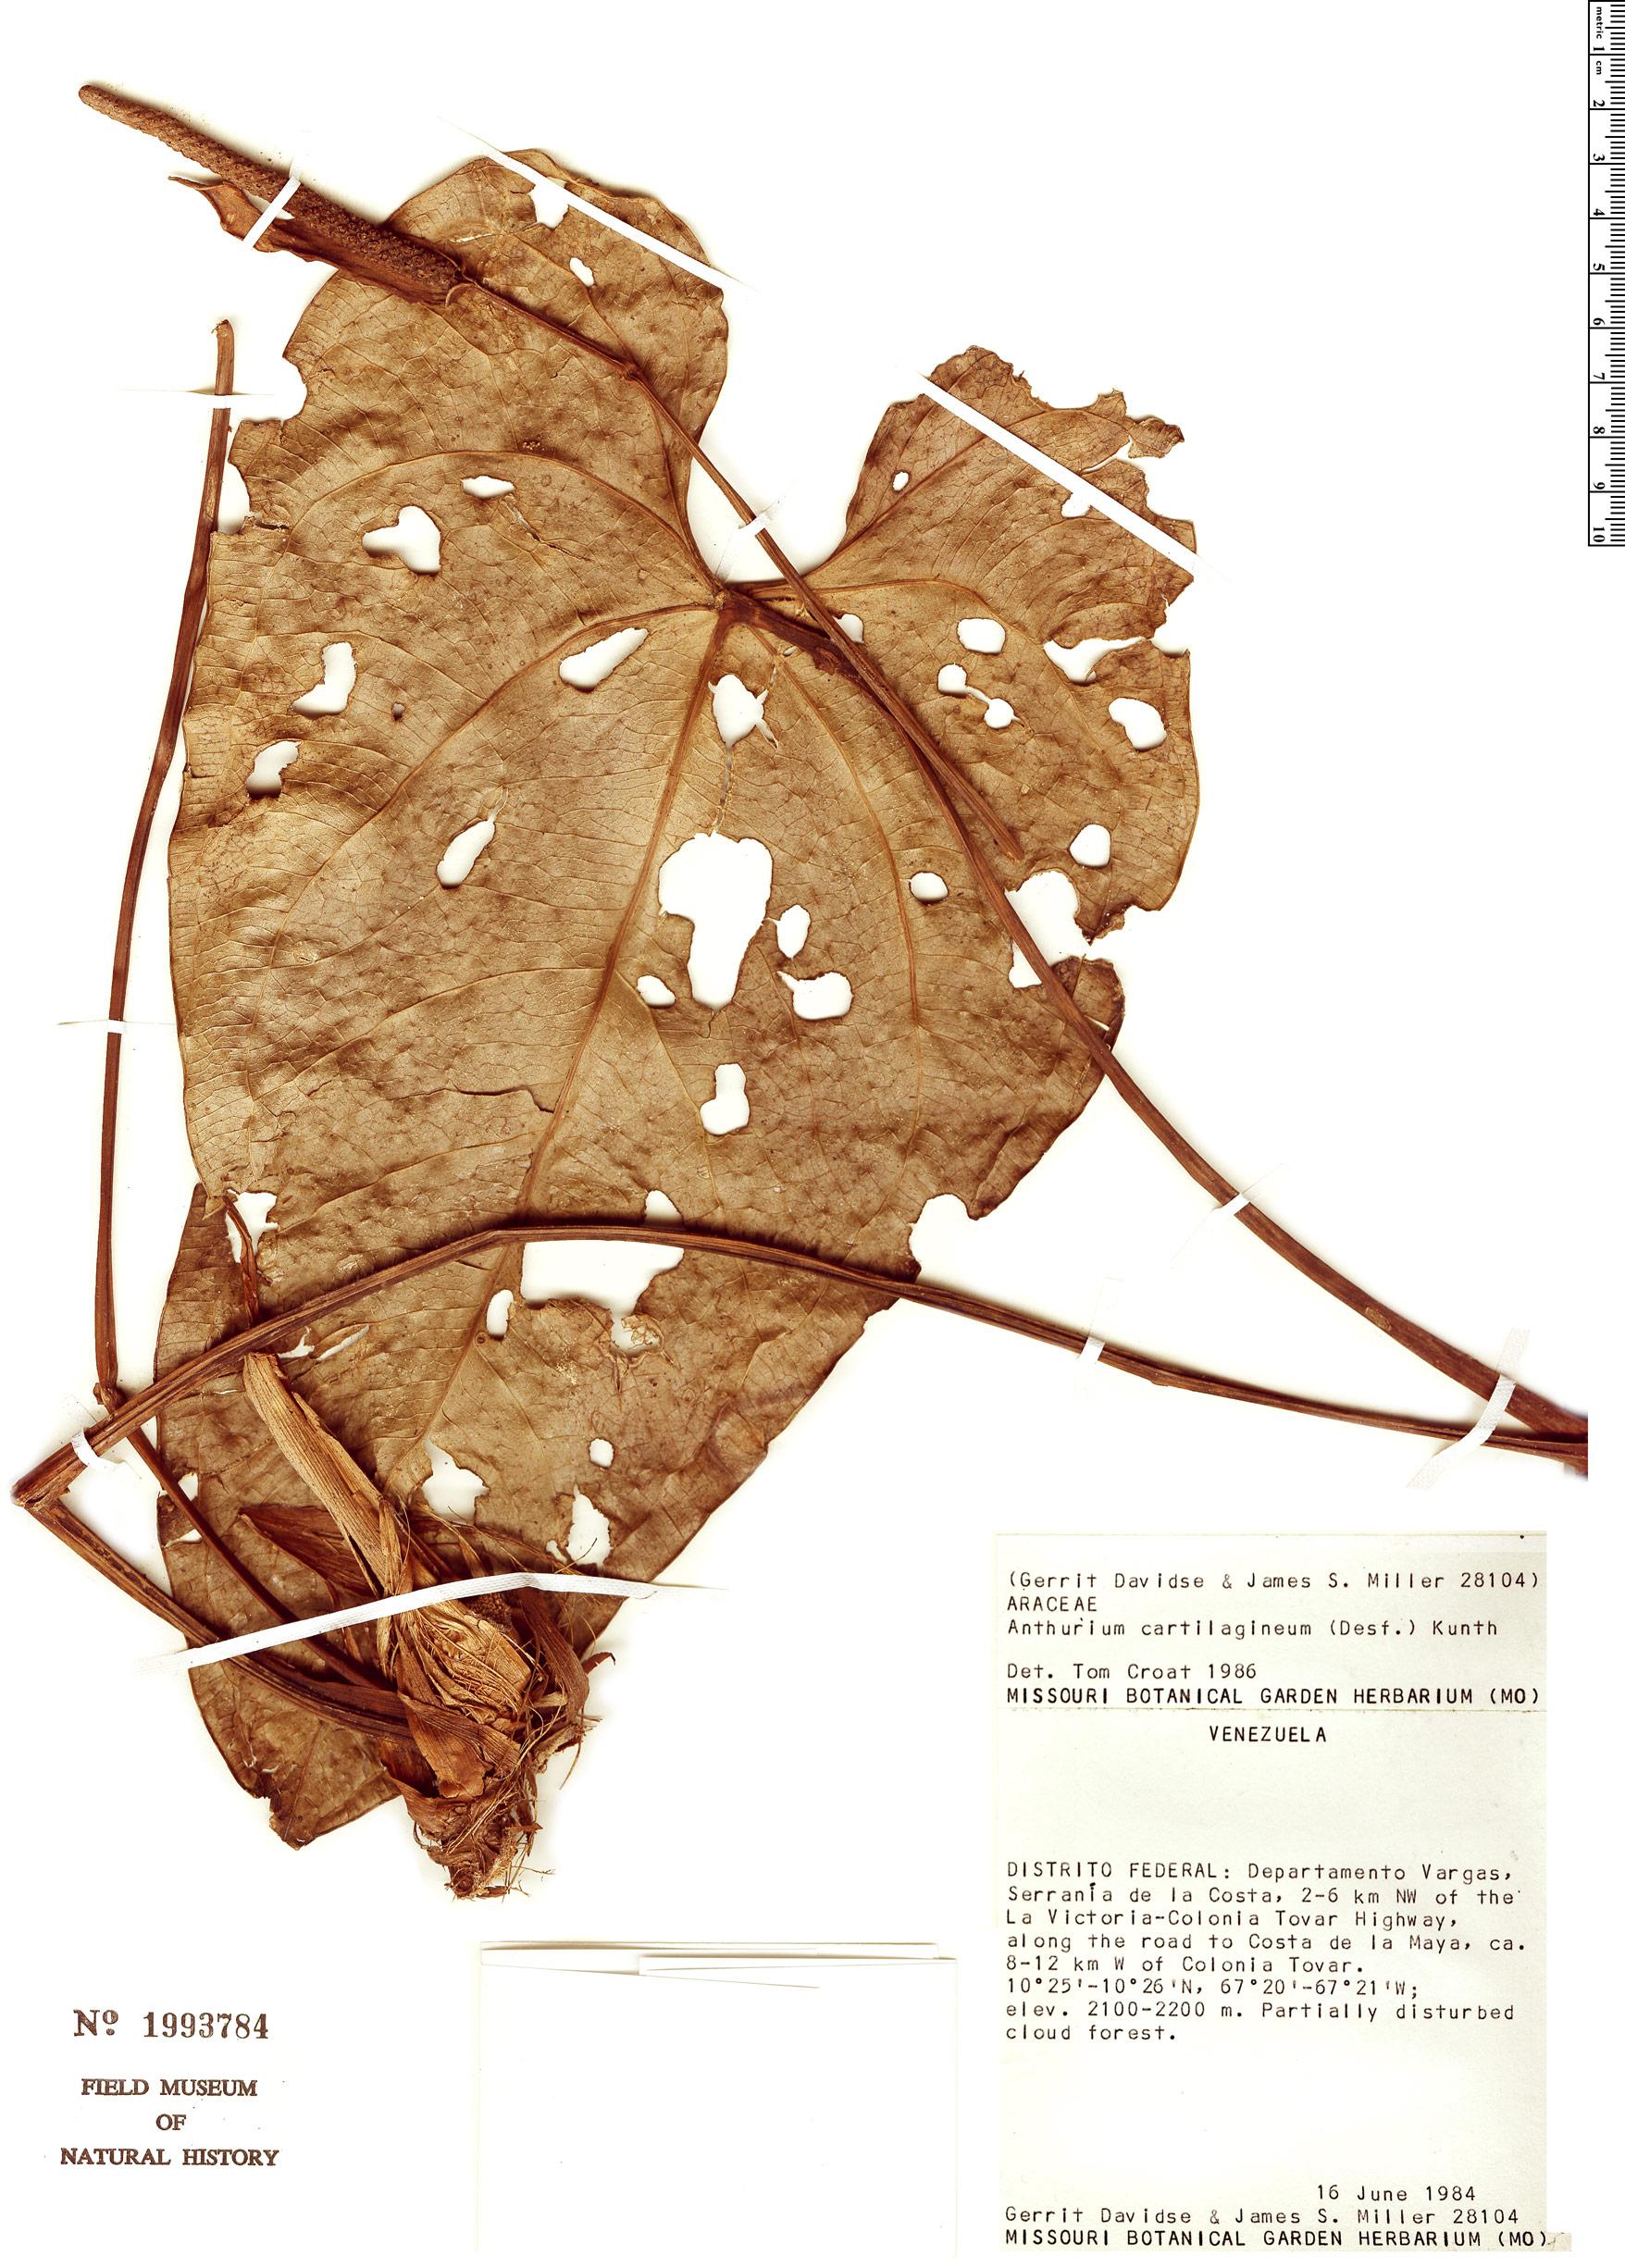 Specimen: Anthurium cartilagineum